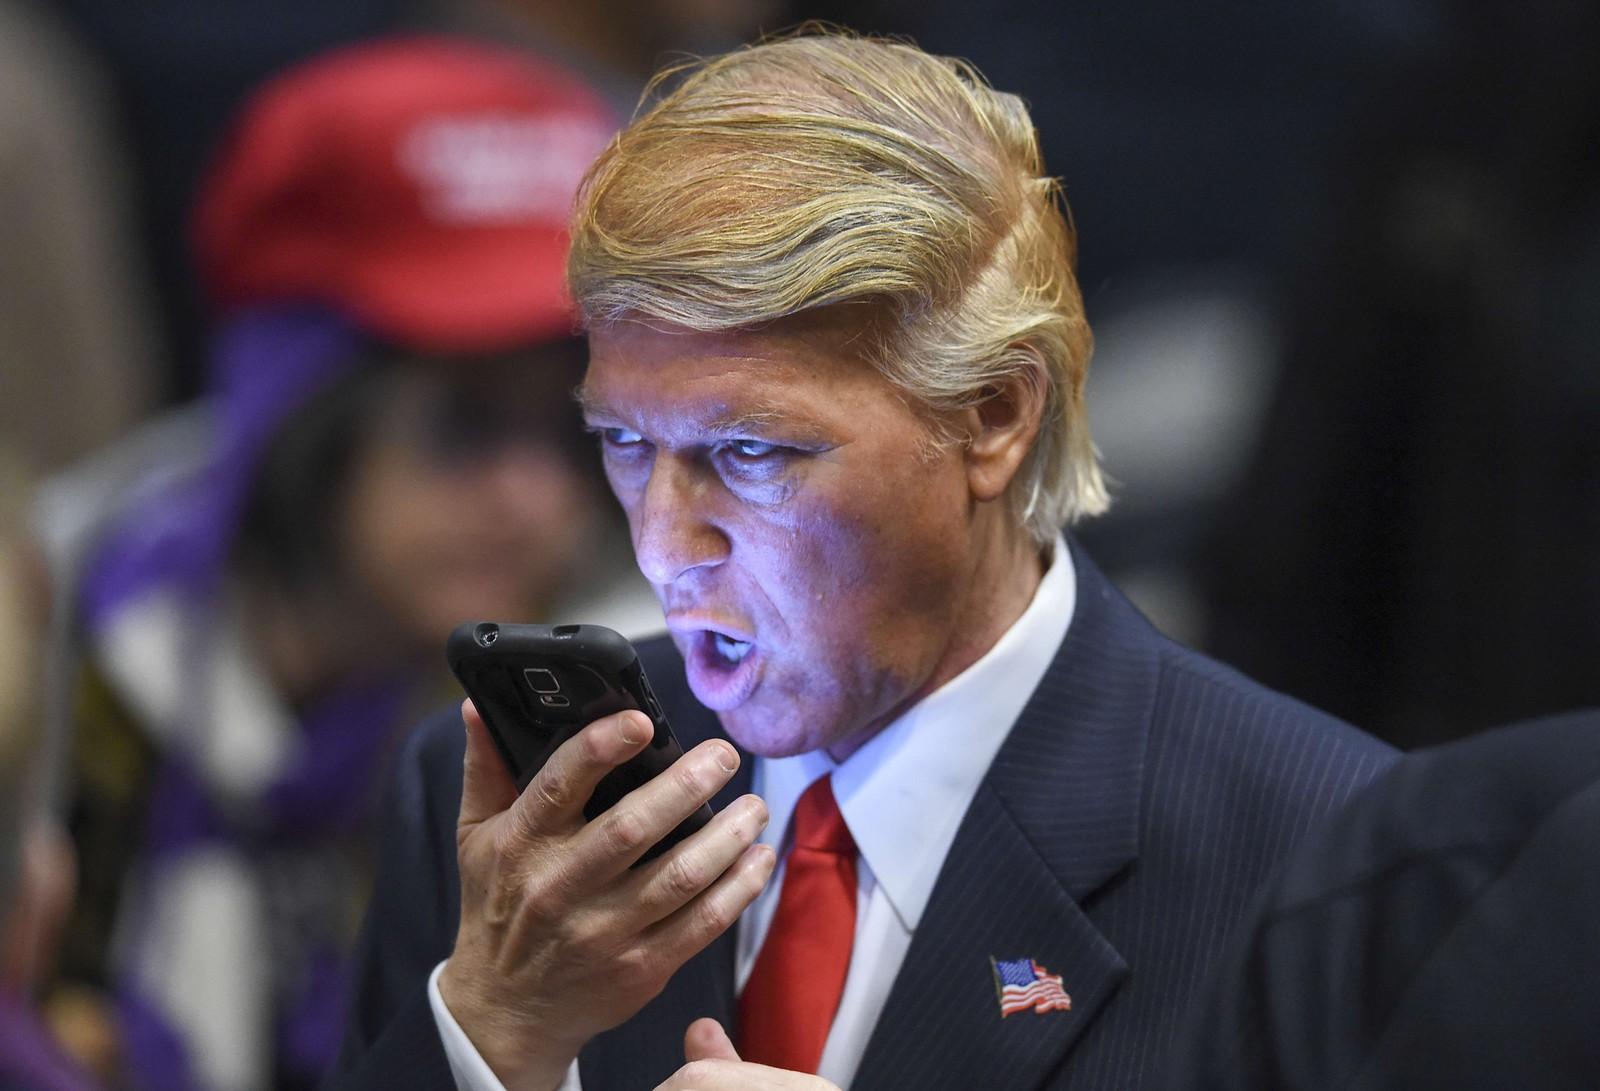 Donald Trump-imitator Robert S. Ensler gir mobiltelefonen en verbal hårføner under et nominasjonsmøte for det repulbikanske partiet denne uka.